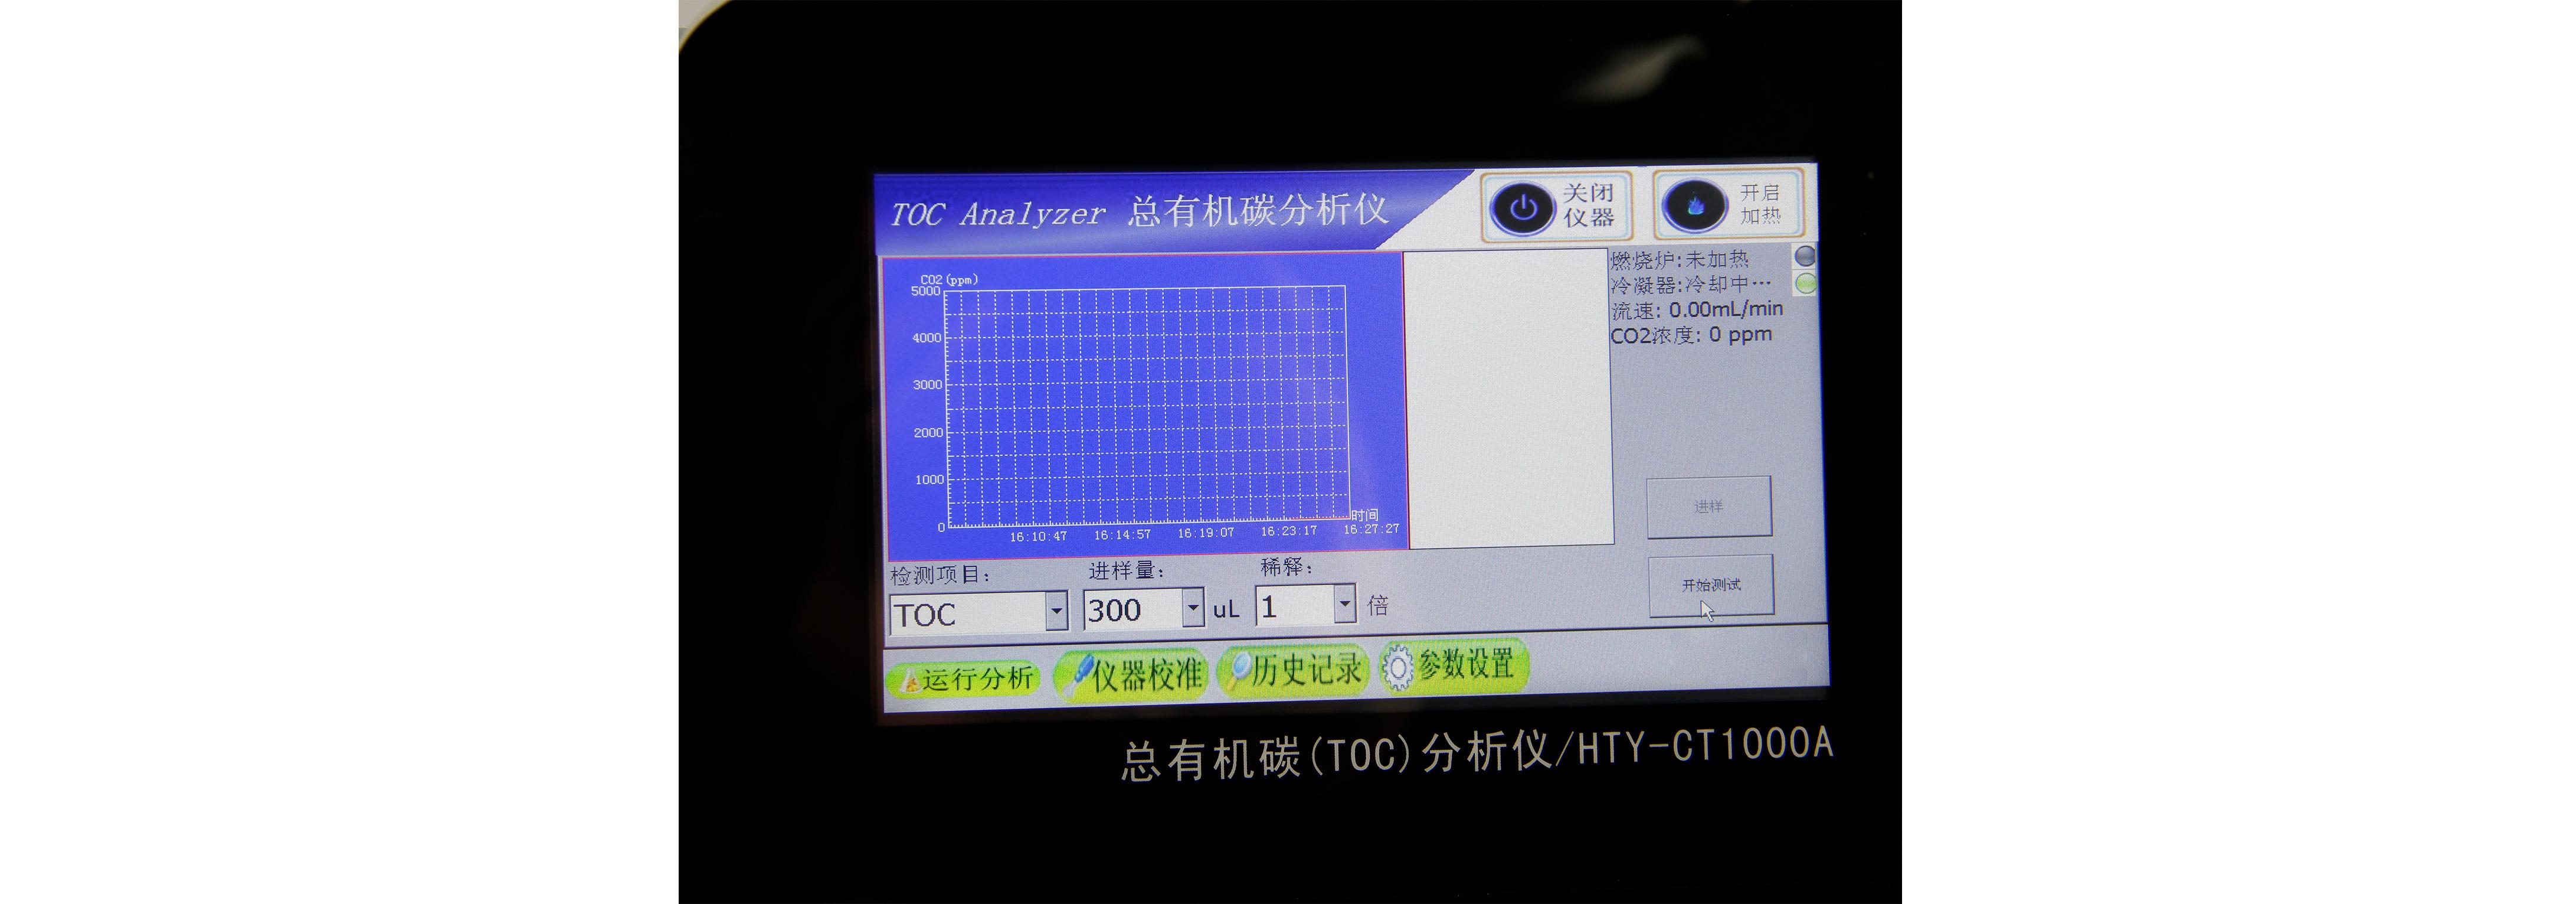 总有机碳分析仪TOC HTY-CT1000A